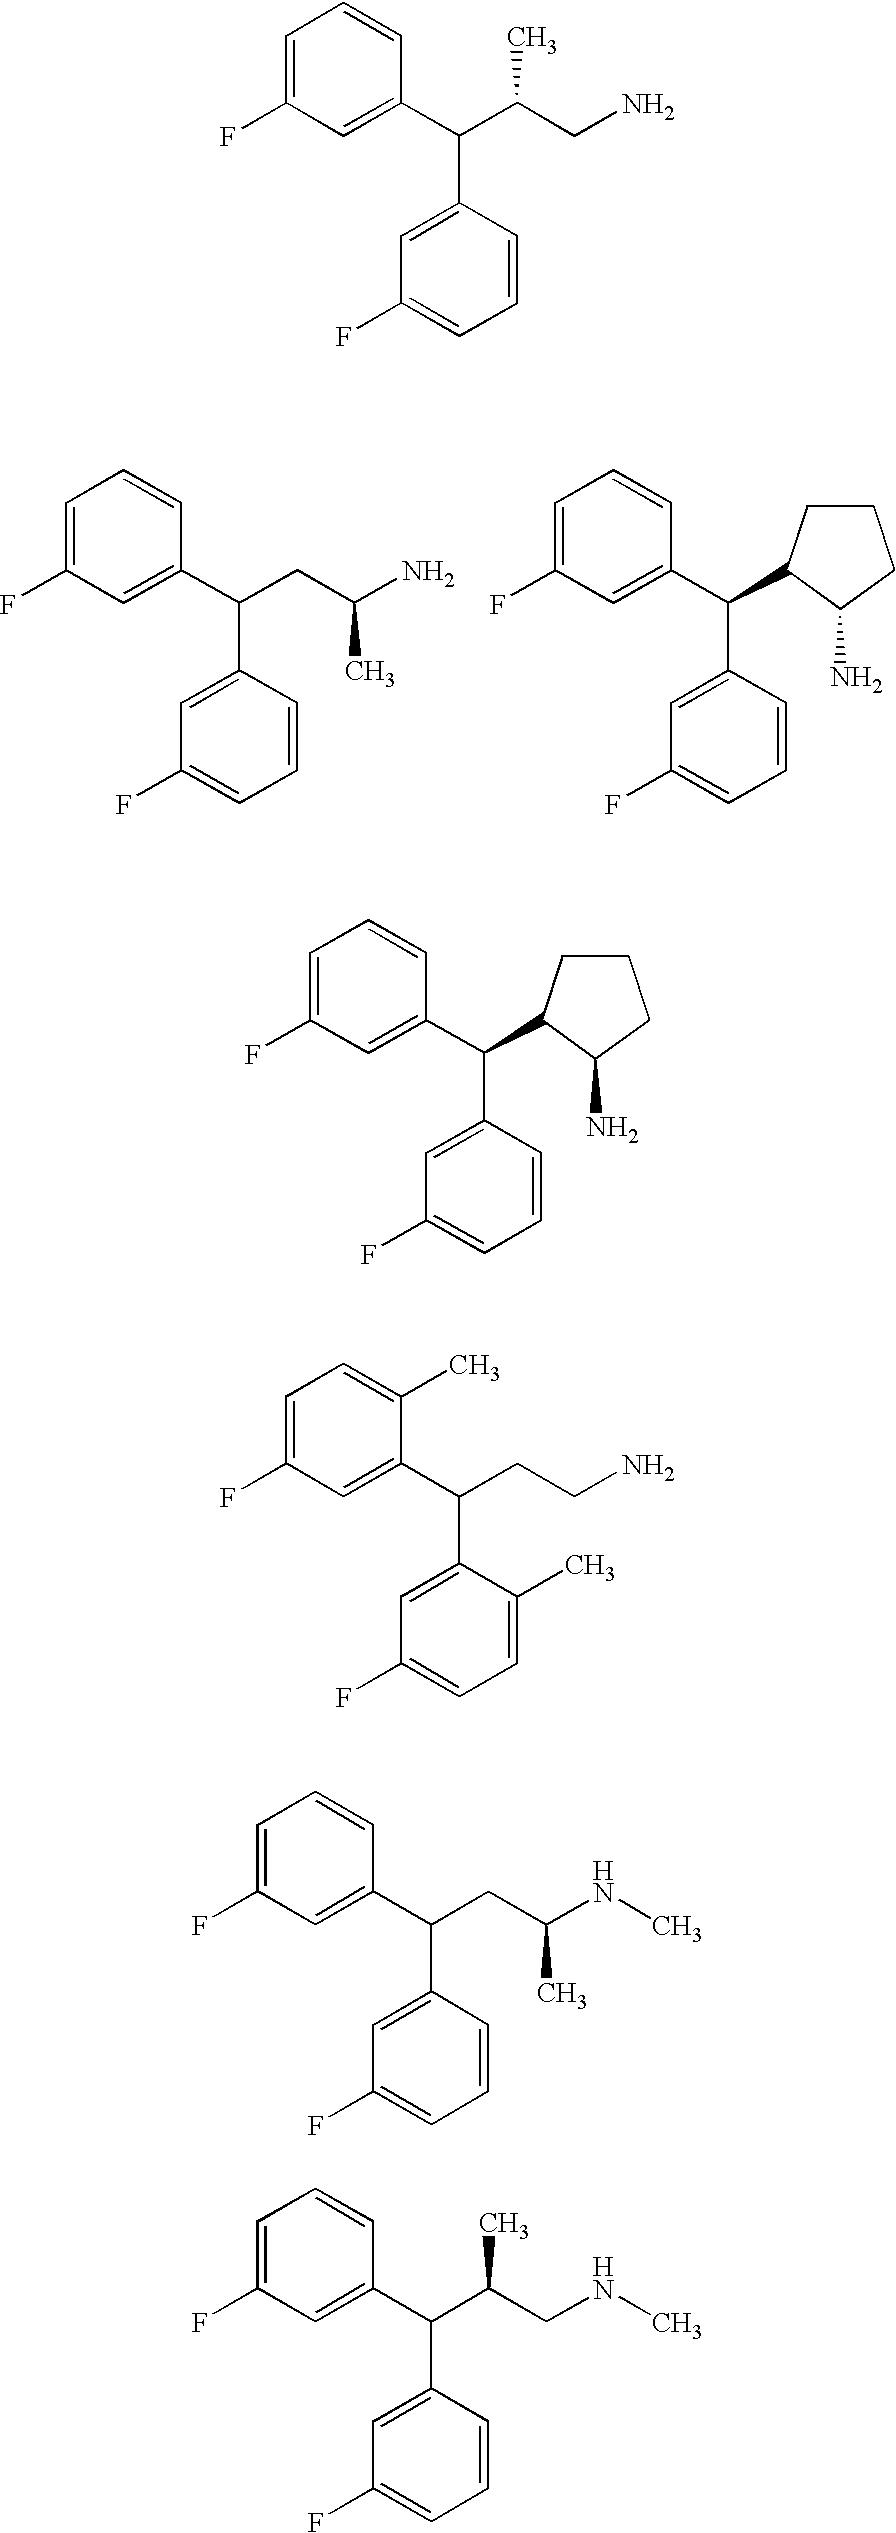 Figure US20050282859A1-20051222-C00067